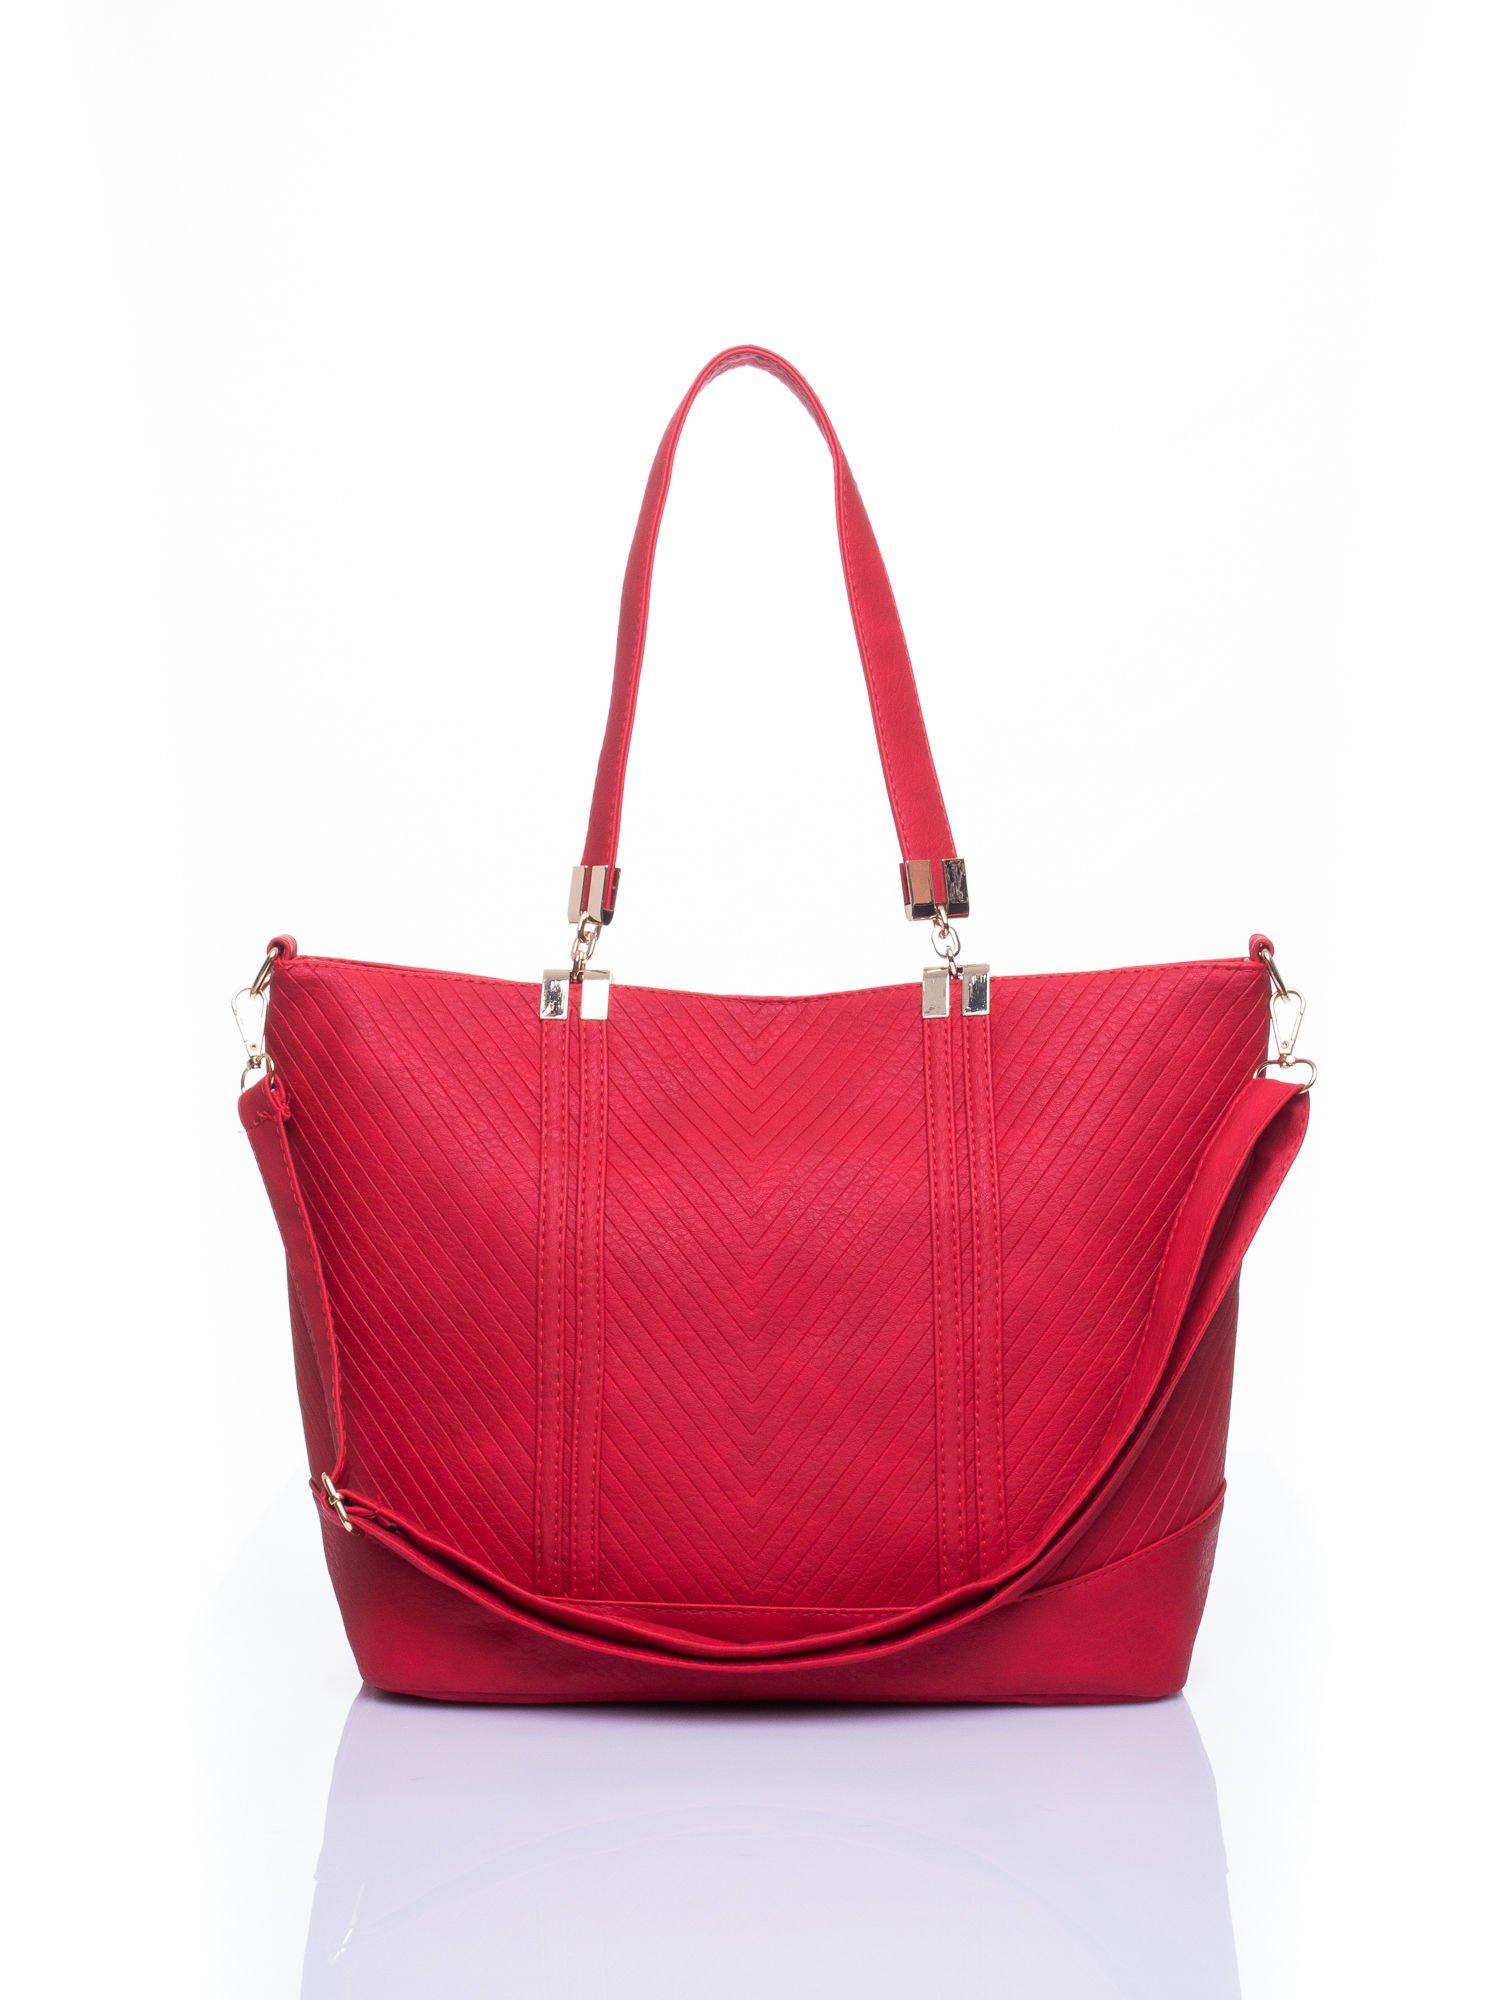 Czerwona fakturowana torebka damska ze złotymi okuciami                                  zdj.                                  1